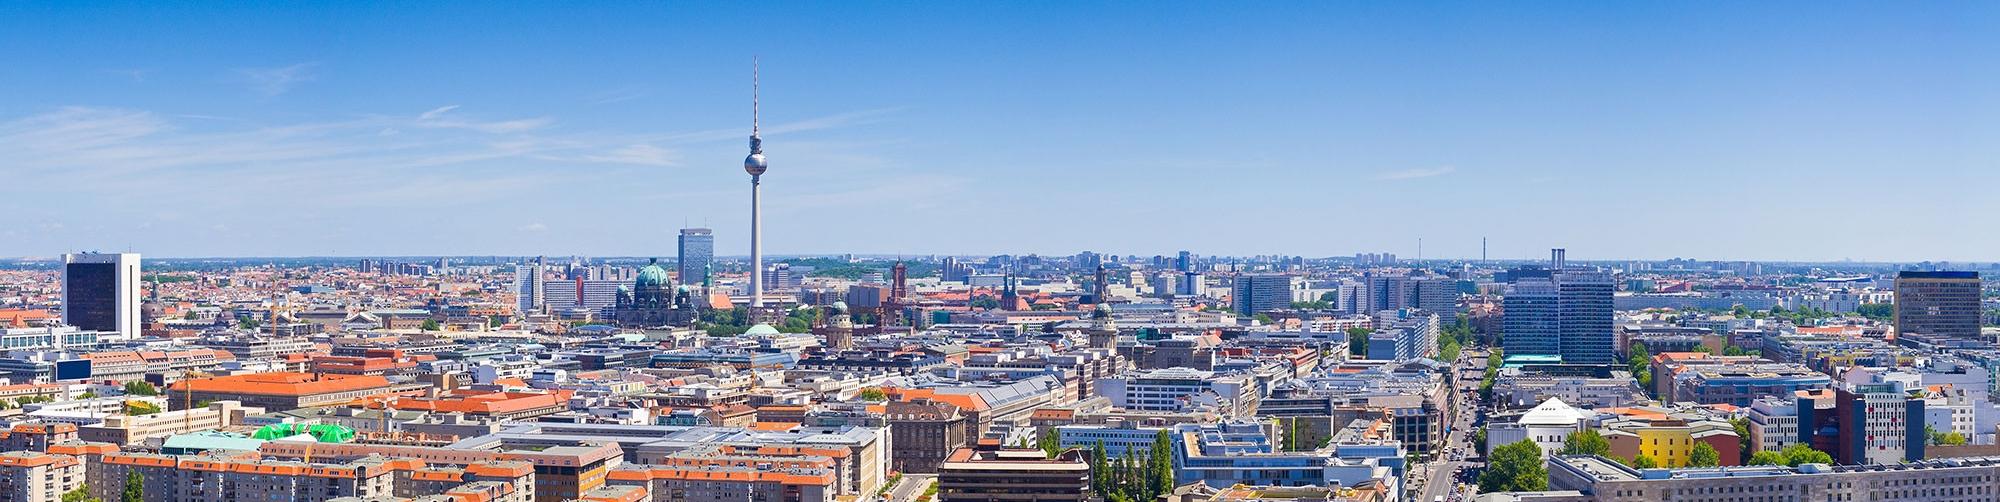 Ankauf-Verkauf-Immobilien-Investment-Berlin